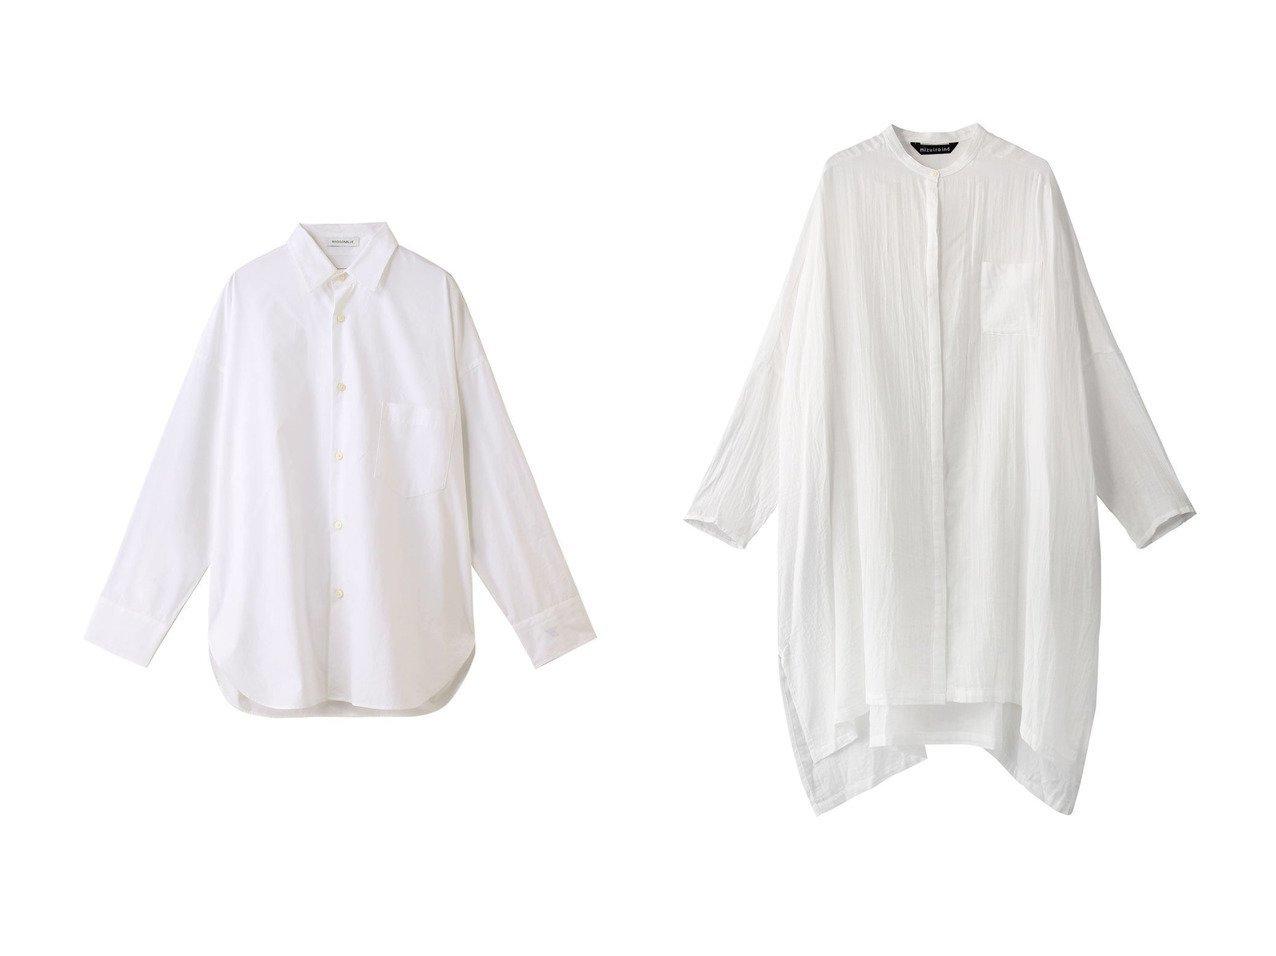 【MADISONBLUE/マディソンブルー】のJ.BRADLEYコットンシャツ&【mizuiro ind/ミズイロ インド】のダブルガーゼバンドカラーワイドシャツ トップス・カットソーのおすすめ!人気、トレンド・レディースファッションの通販 おすすめで人気の流行・トレンド、ファッションの通販商品 メンズファッション・キッズファッション・インテリア・家具・レディースファッション・服の通販 founy(ファニー) https://founy.com/ ファッション Fashion レディースファッション WOMEN トップス Tops Tshirt シャツ/ブラウス Shirts Blouses スリーブ ロング 再入荷 Restock/Back in Stock/Re Arrival 定番 Standard 羽織 2021年 2021 2021 春夏 S/S SS Spring/Summer 2021 S/S 春夏 SS Spring/Summer スリット 春 Spring |ID:crp329100000014788